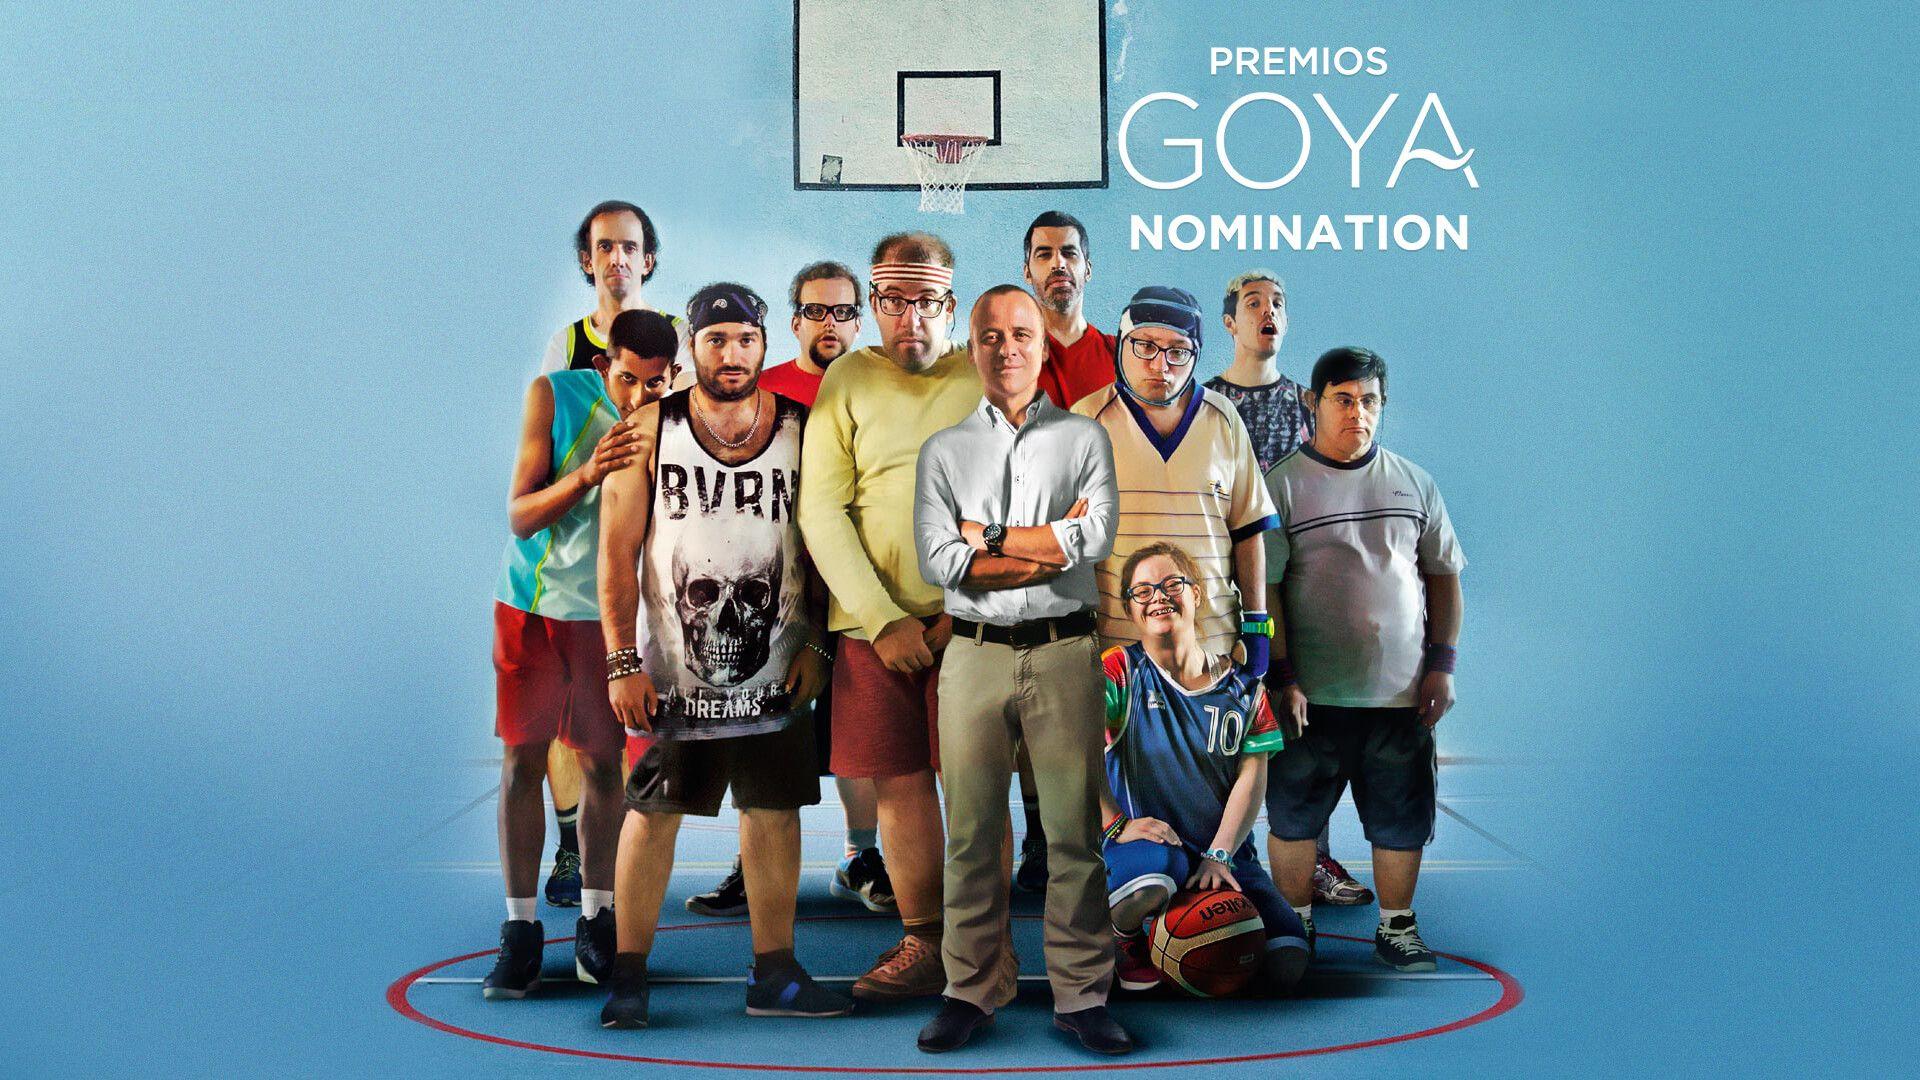 Goyas 2019 : 11 nominations pour Champions, en route pour les Oscars !